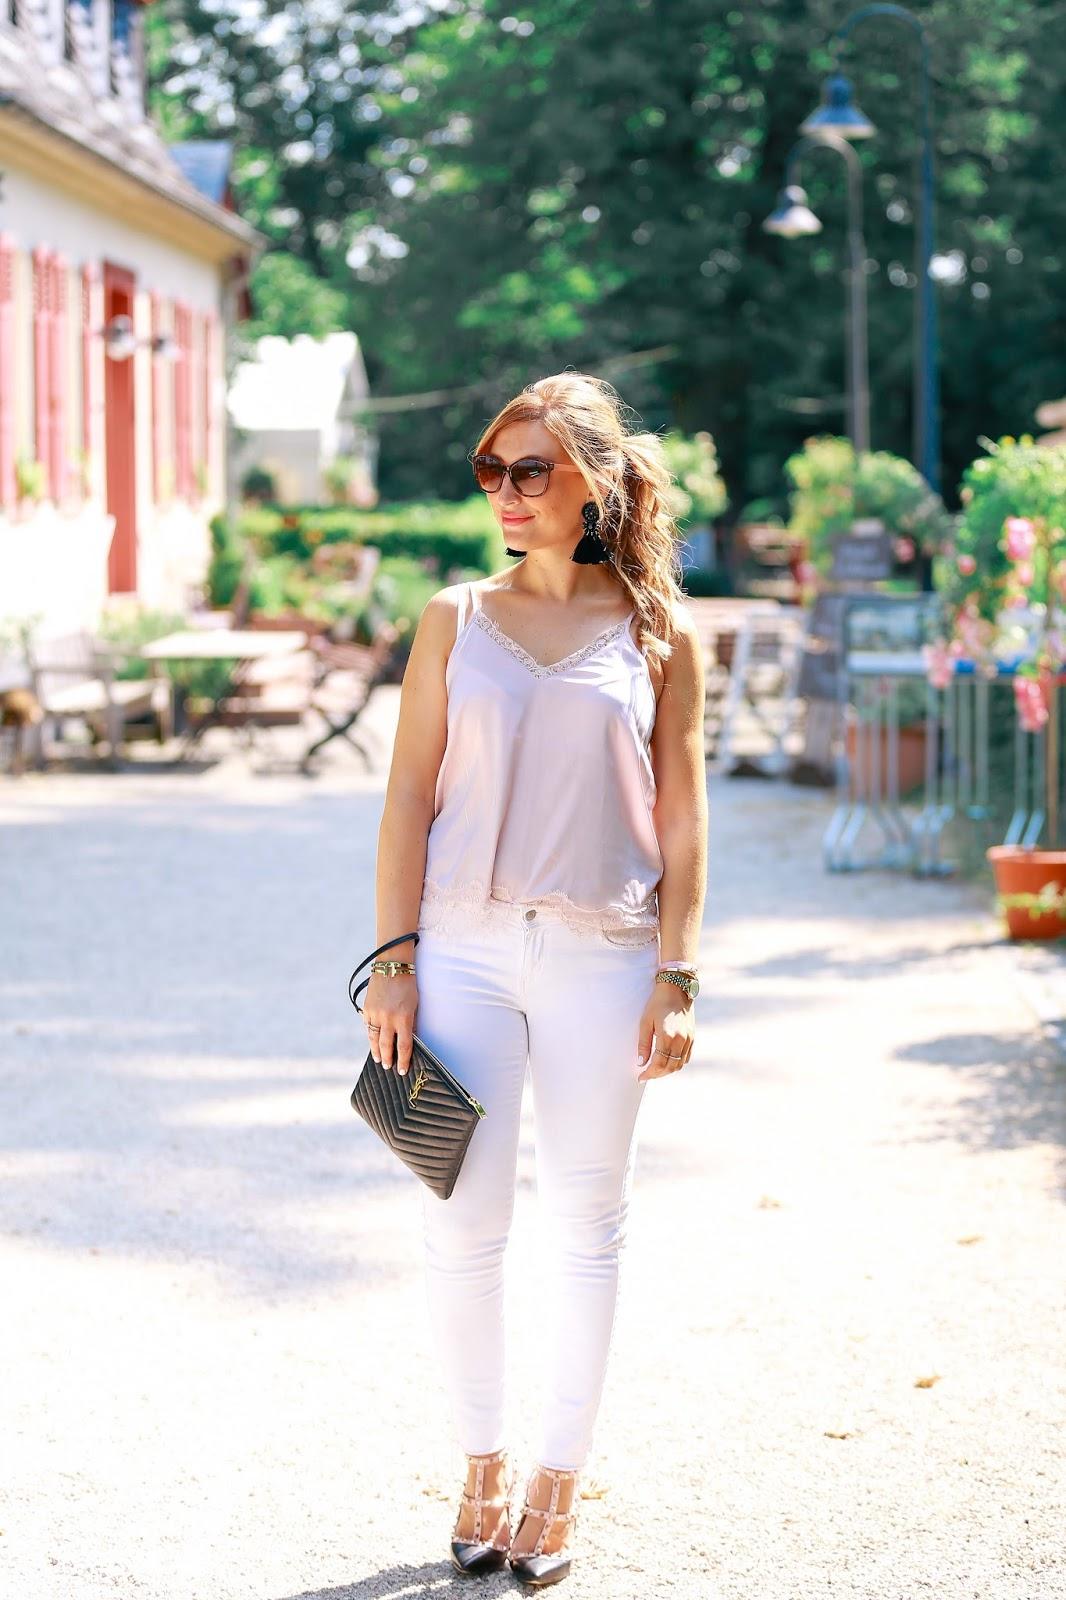 fashionstylebyjohanna-blogger-aus-deutschland-Fashionblogger-Frankfurt-Main-Modeblog-Alte-Oper-ysl-clutch-schuhe-mit-nieten-weiße-jeans-hängeohrringe